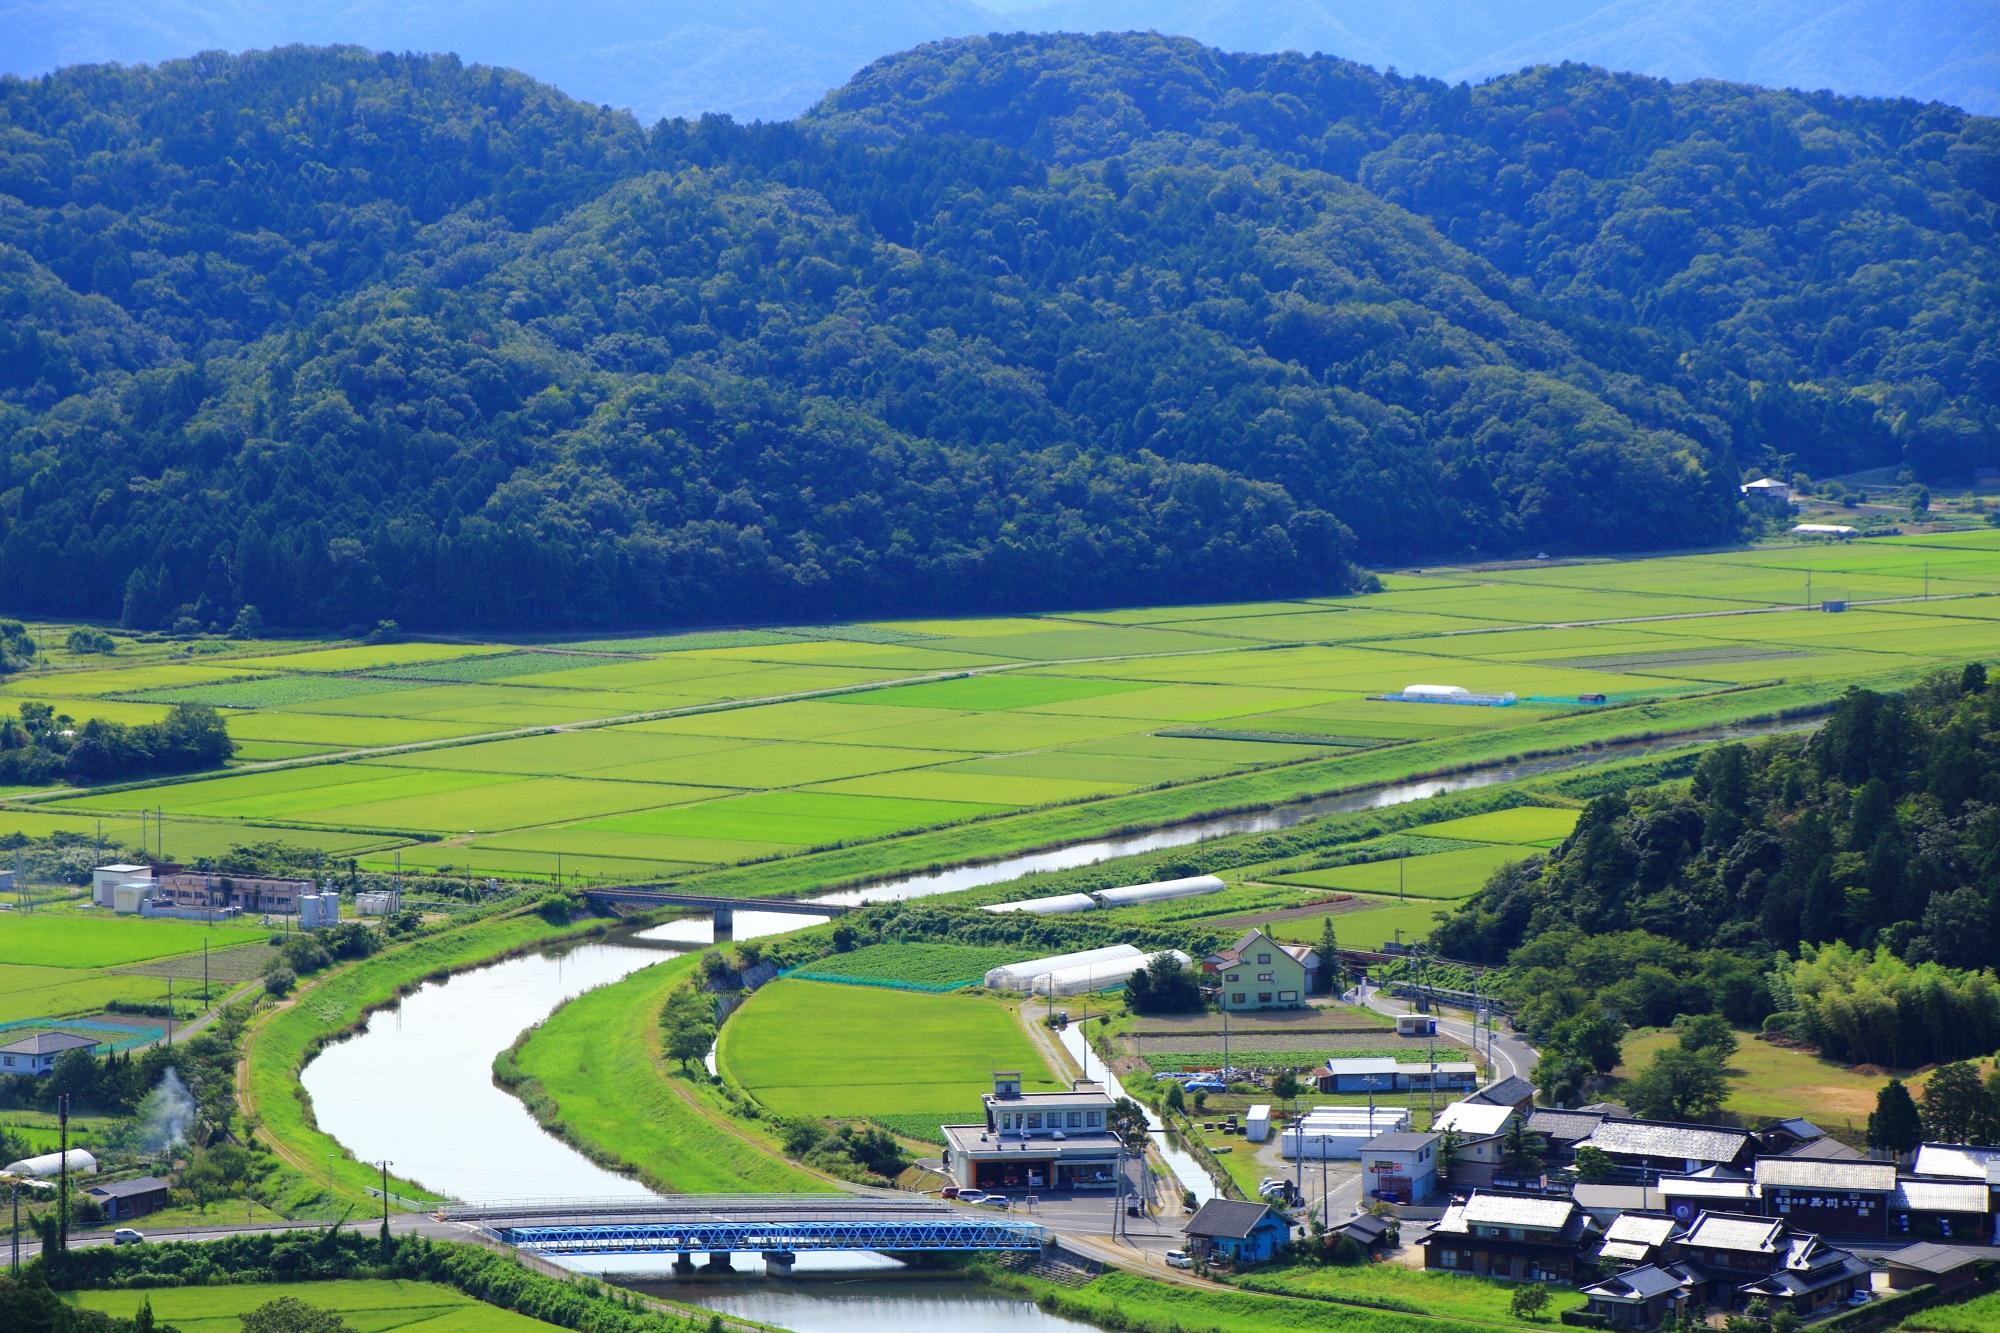 paddy field Kumihama-cho Kyotango kyoto,Japan